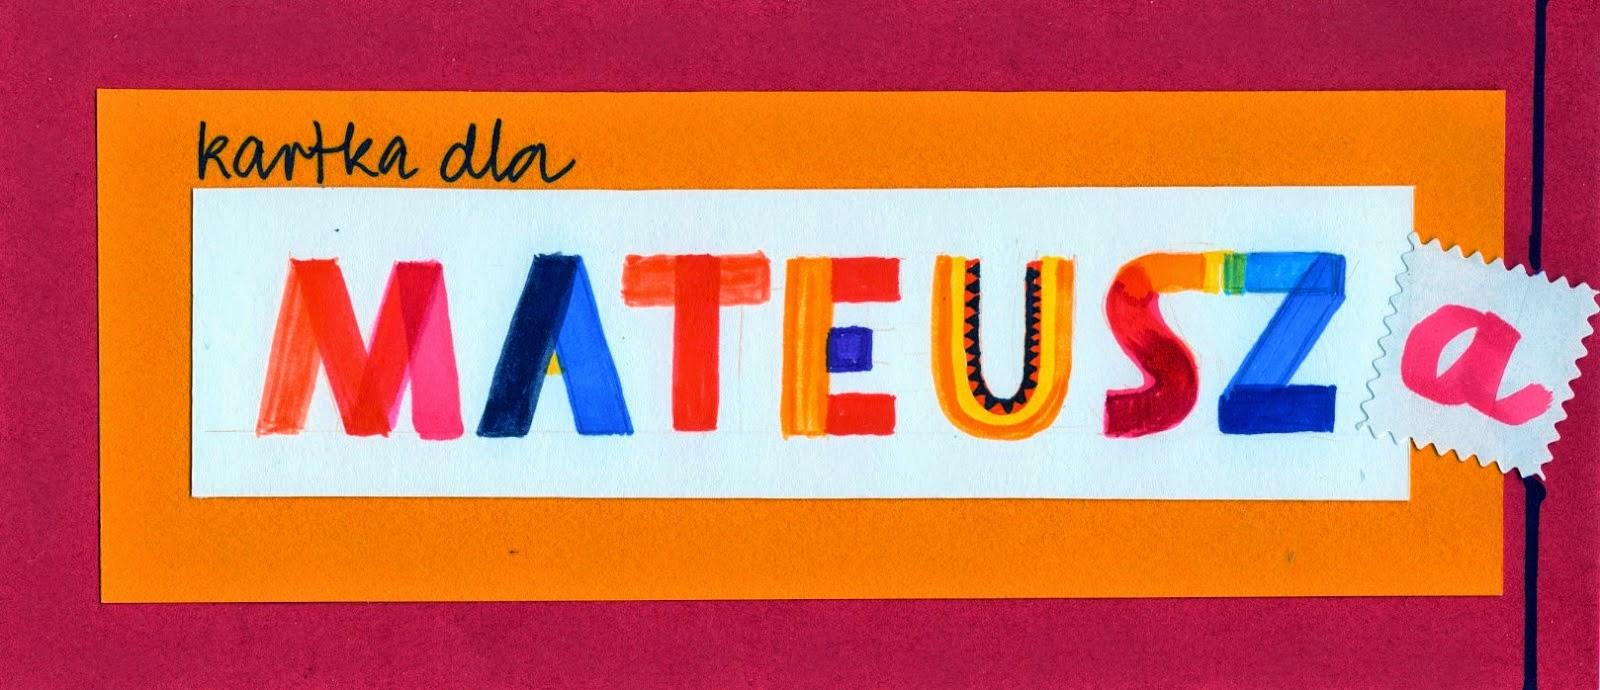 KARTKA DLA MATEUSZA ... była wysłana...